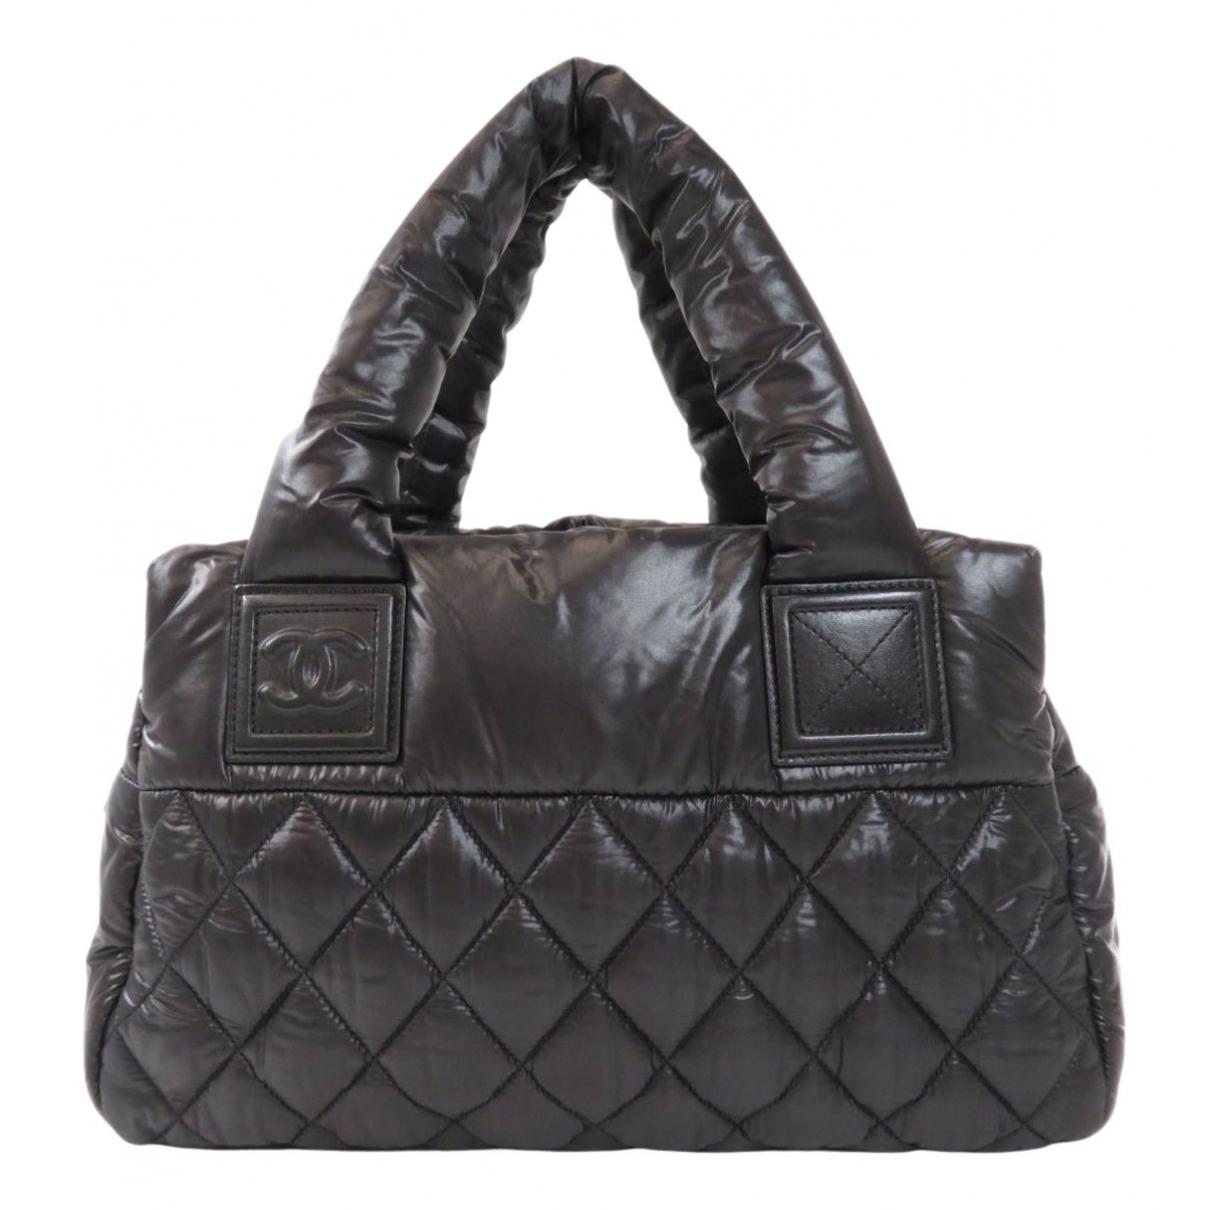 Chanel - Sac a main Coco Cocoon pour femme - noir